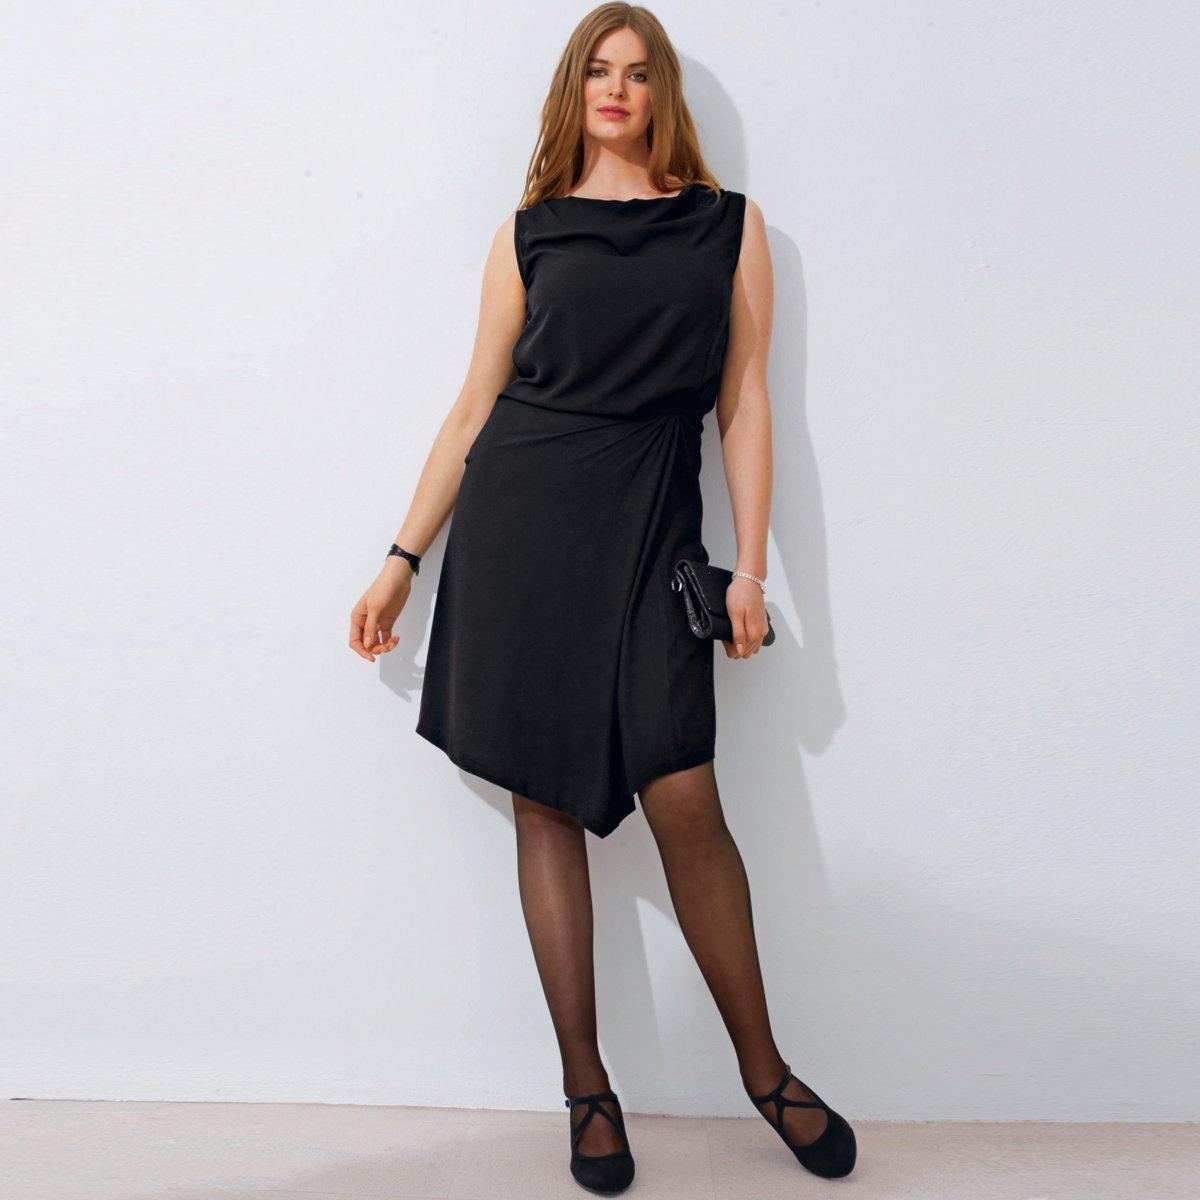 Какие платья идут девушкам с широкими бедрами фото